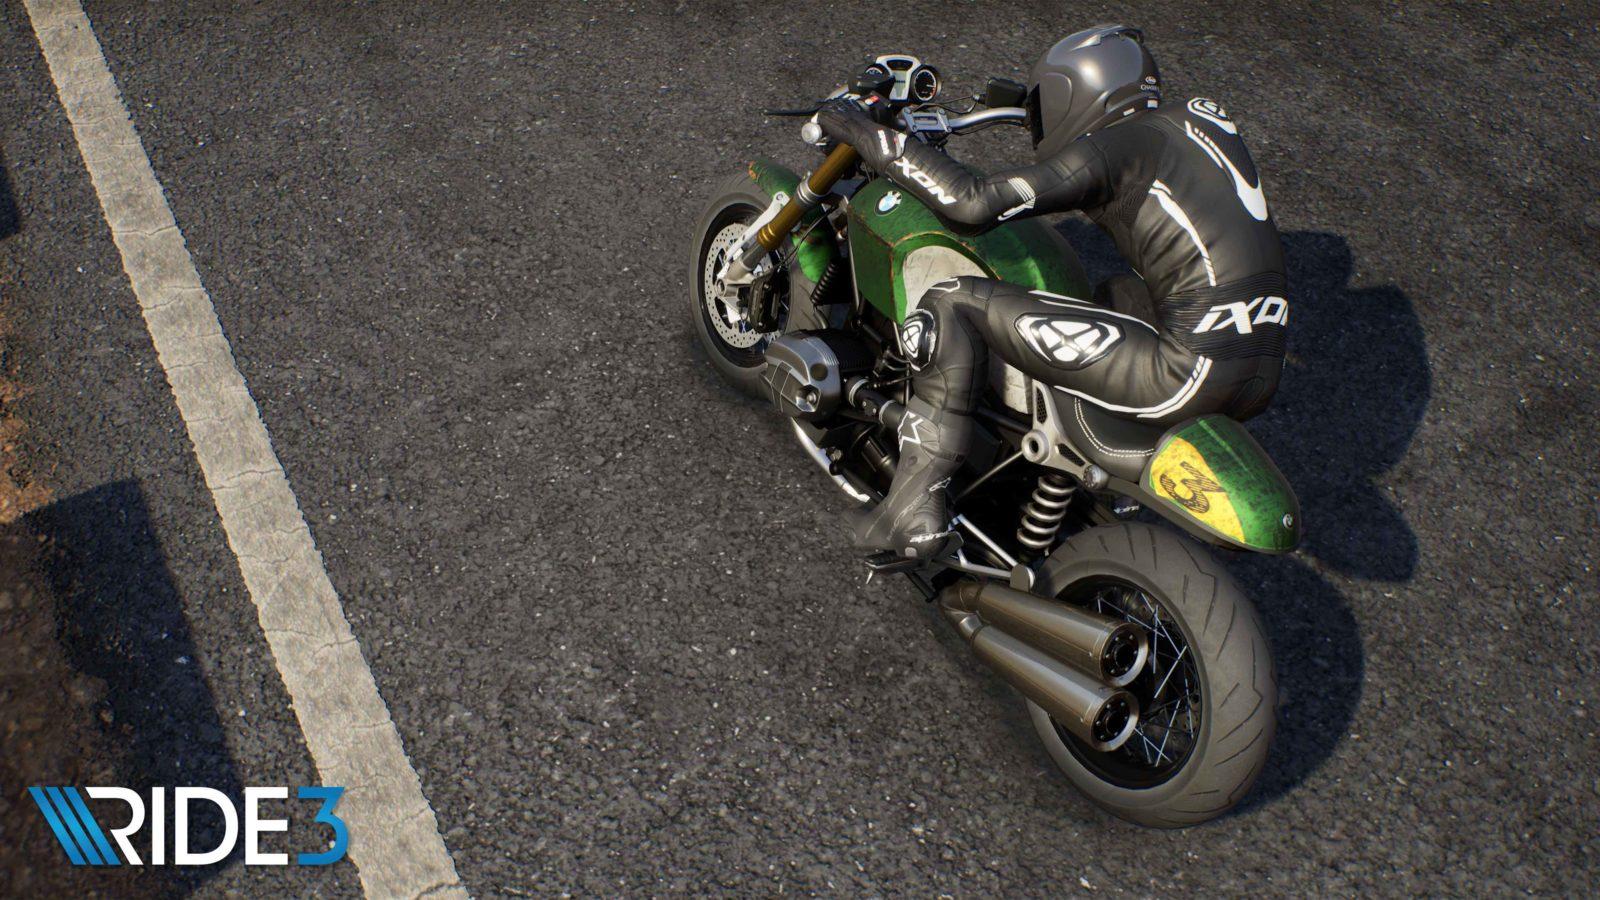 Ride 3 : La moto dans le salon